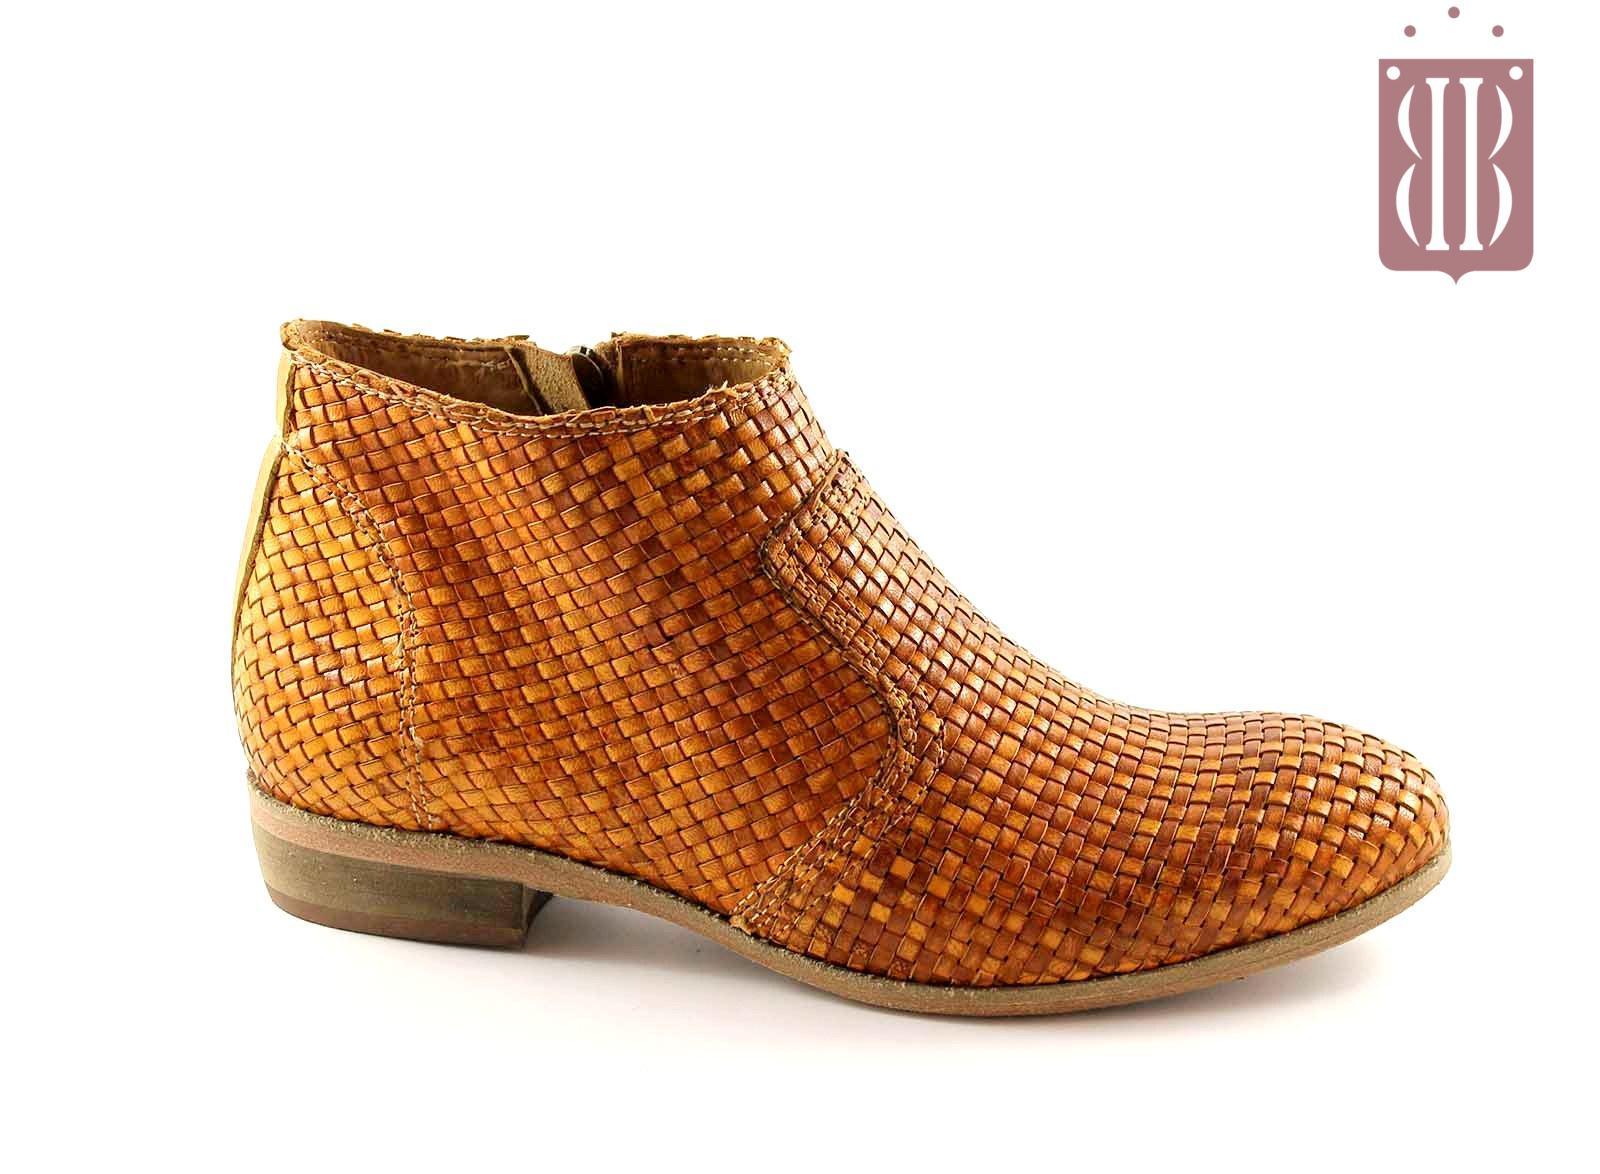 8a96de71f2b16e JHON GRACE E011 ocra scarpe donna stivaletto intreccio zip